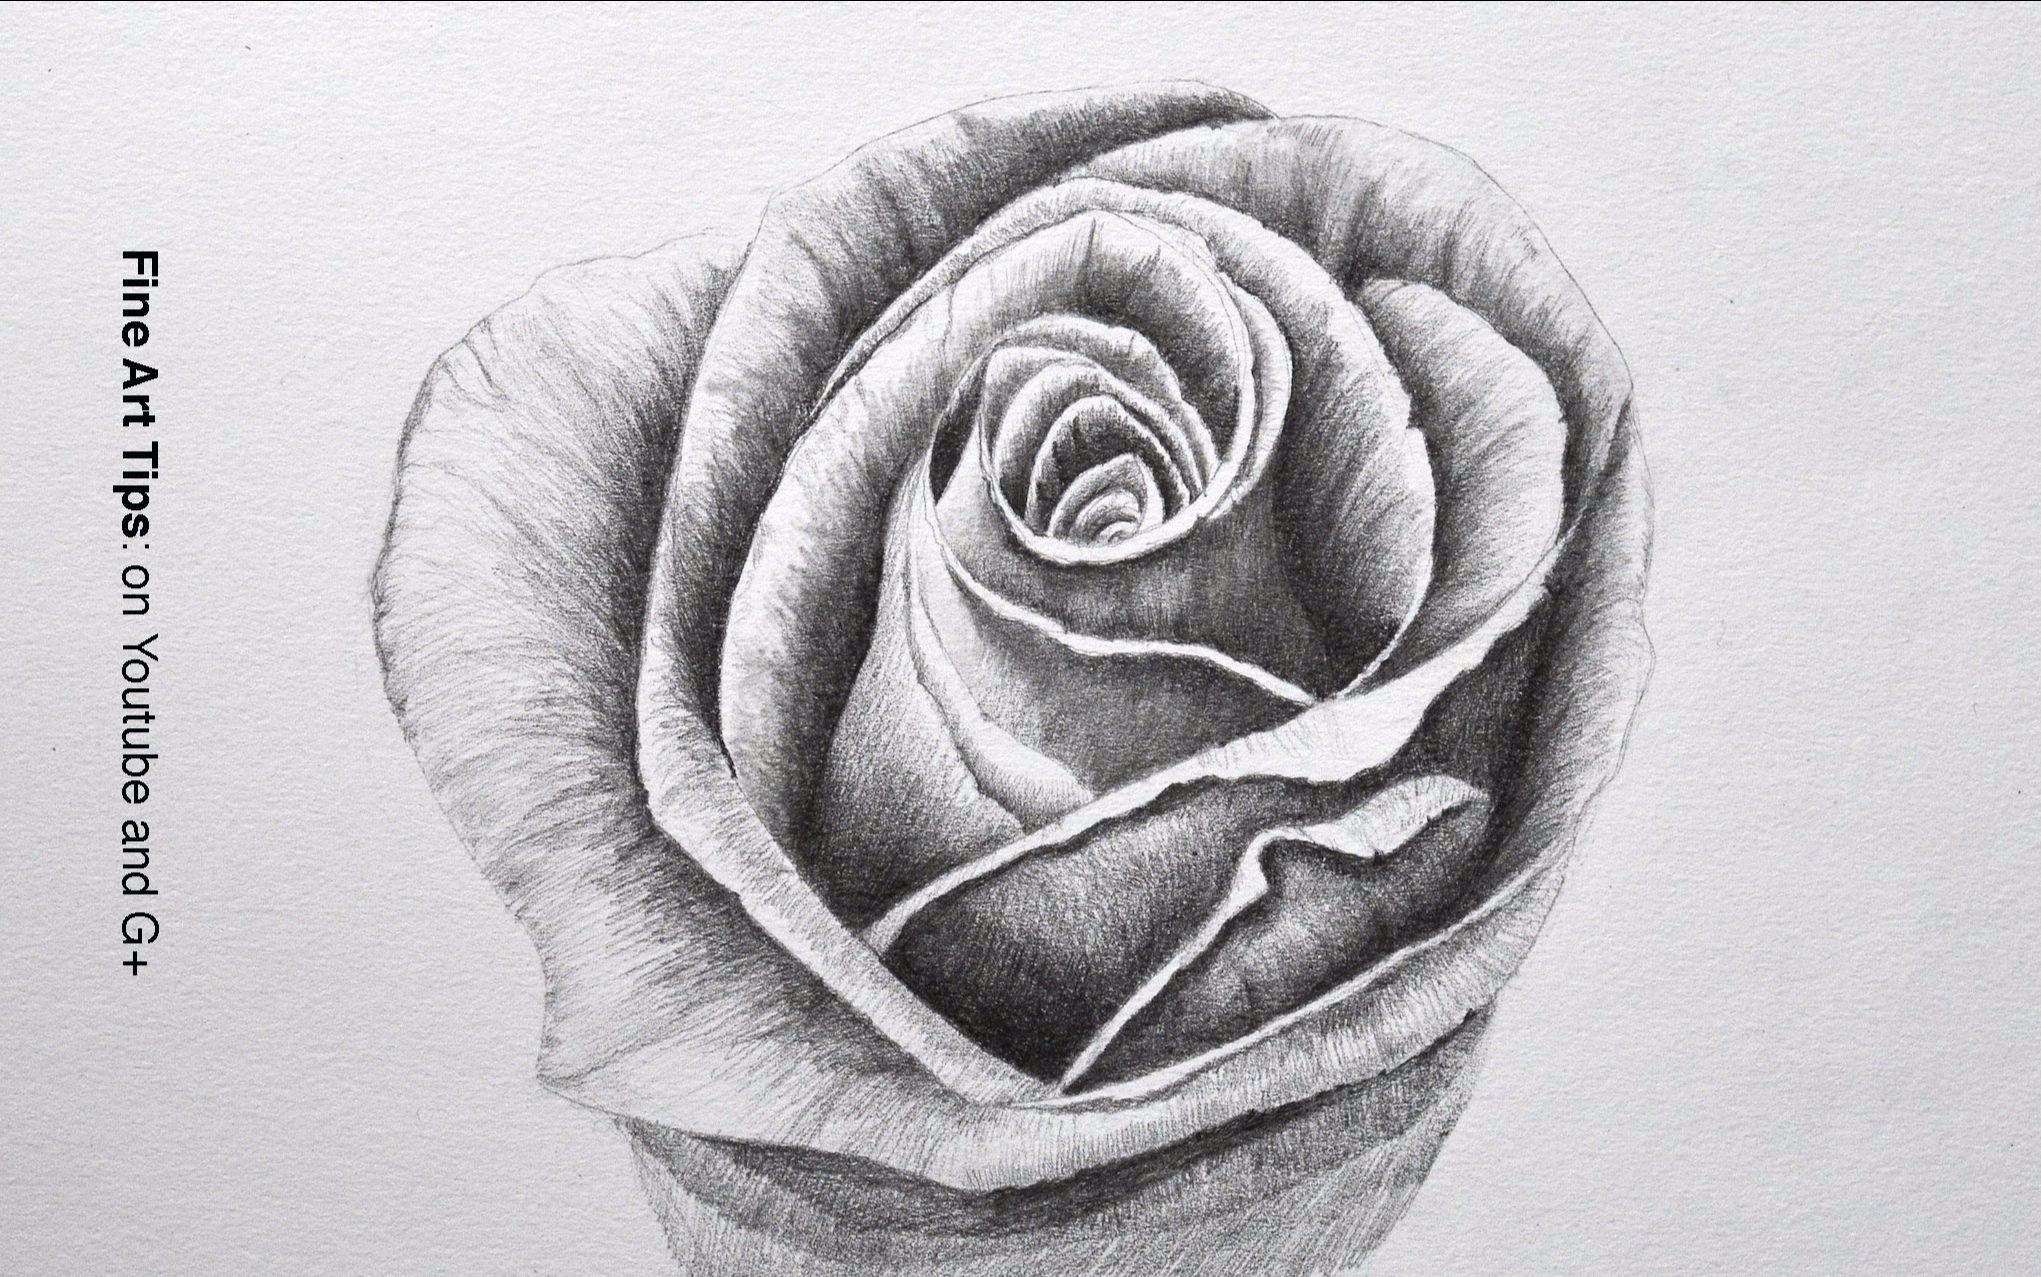 如何用铅笔画一朵玫瑰 中文字幕